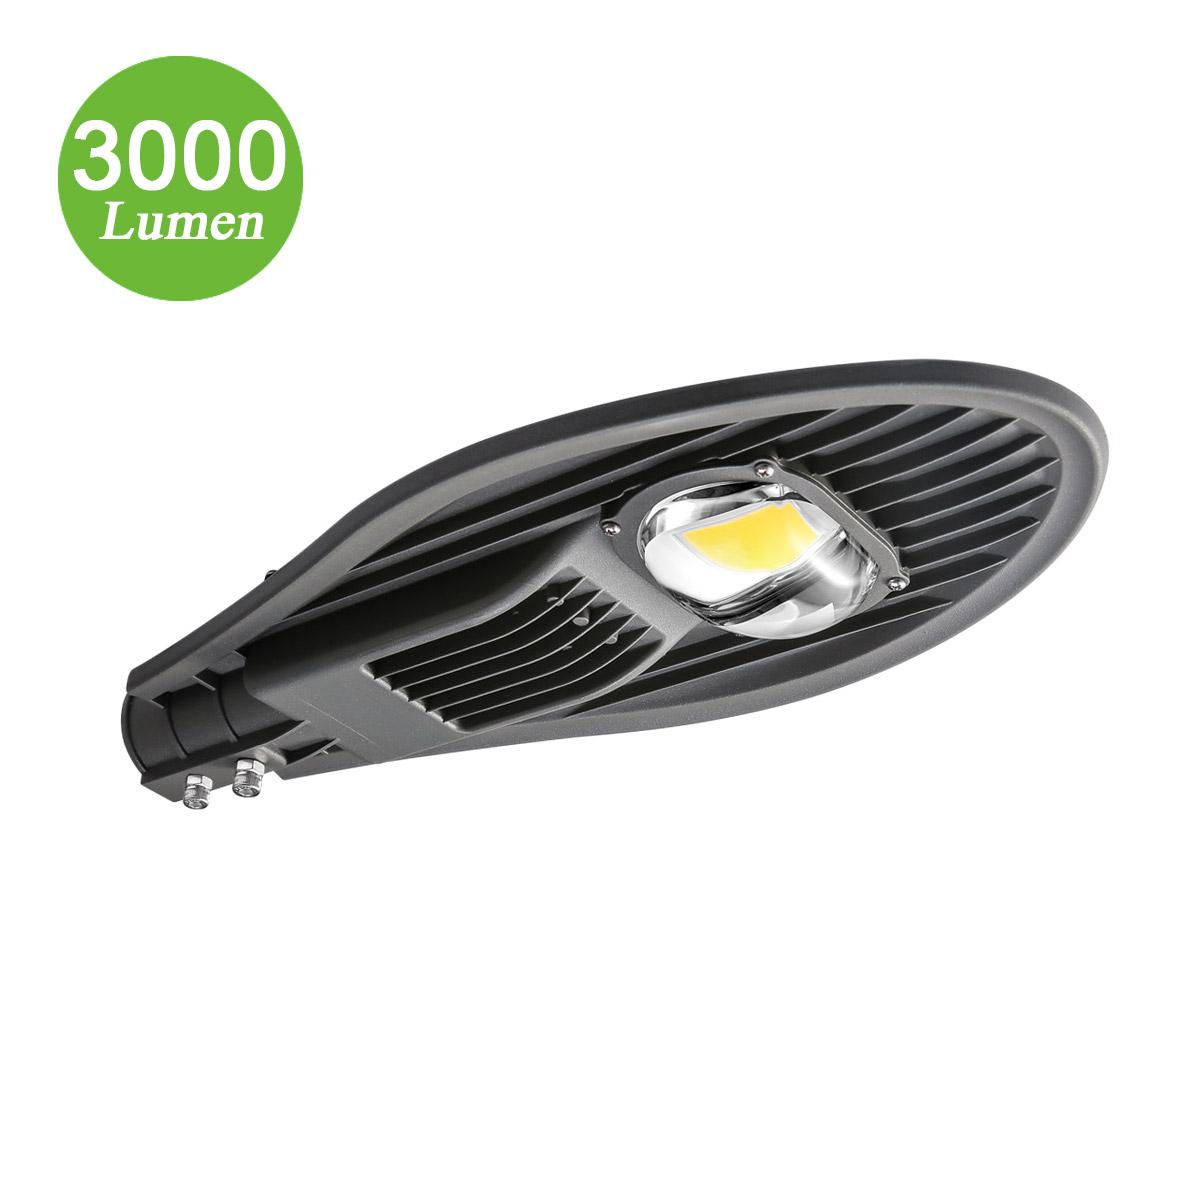 30W Gartenlaterne, 3000lm,  Φ44-52mm, Straßenbeleuchtung, entspricht 100W NH-Lampe, Kaltweiß